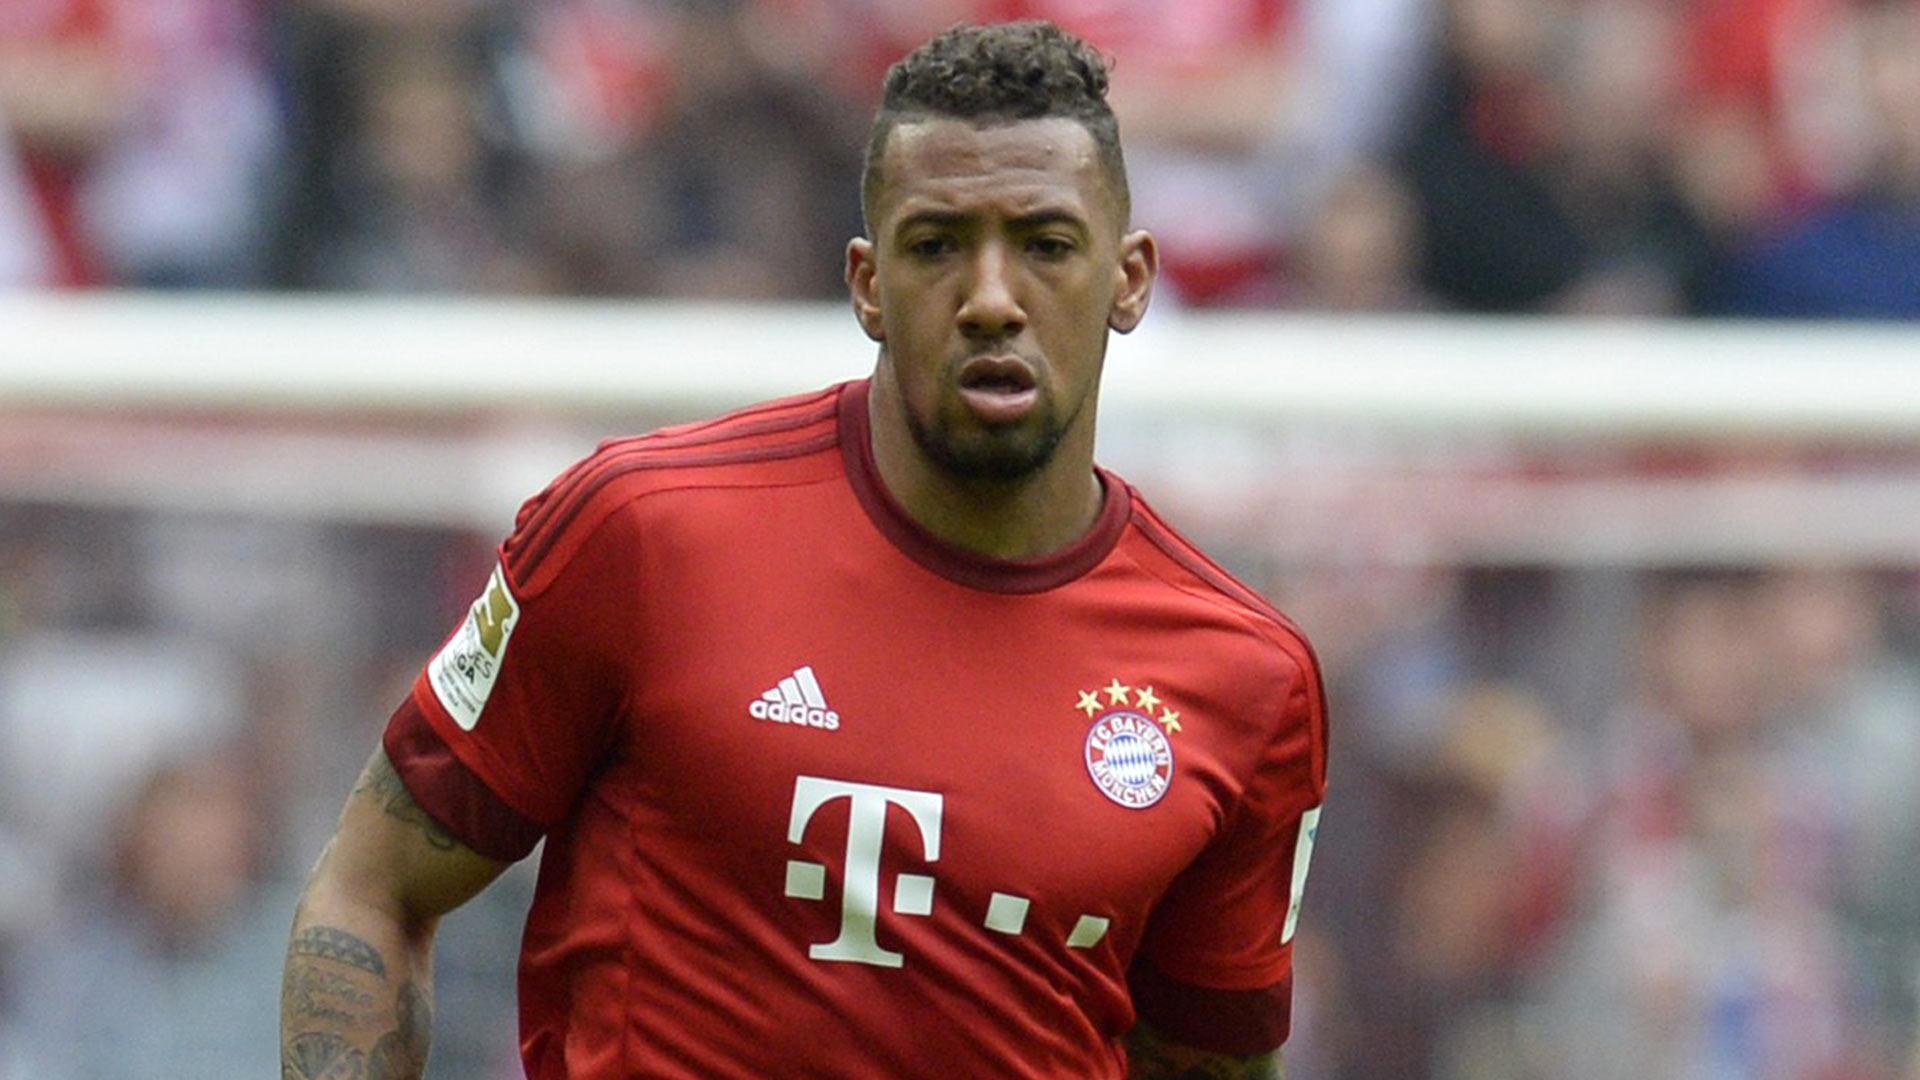 De olho na final da Champions, Boateng não escolhe adversários para o Bayern